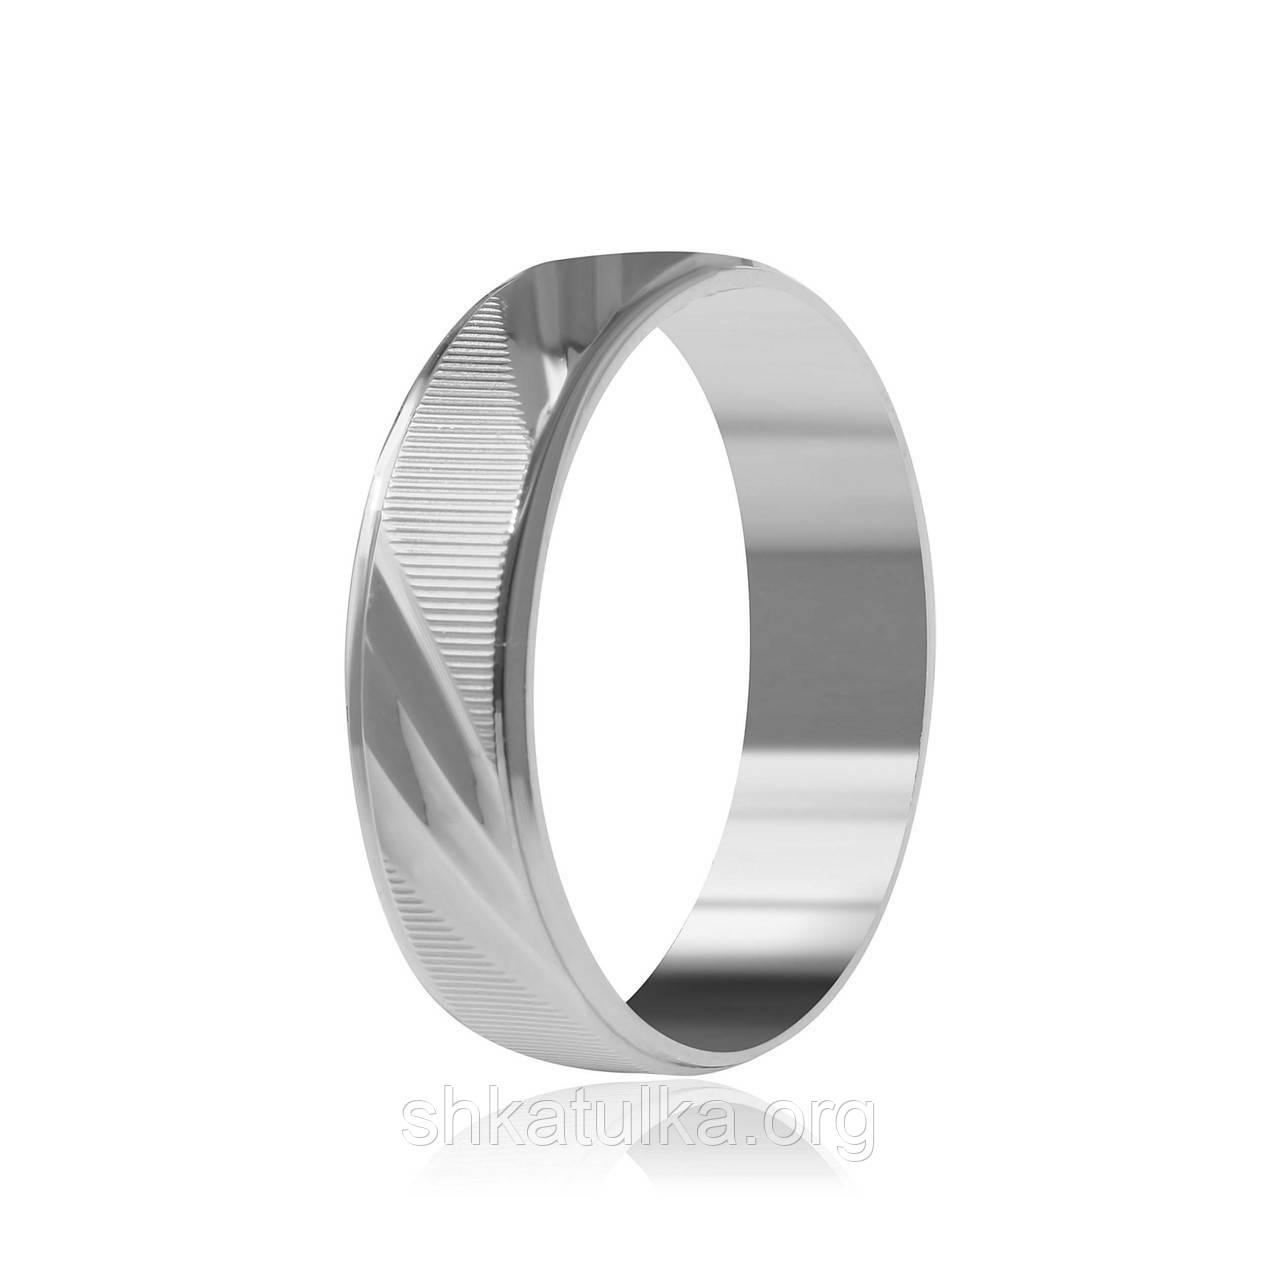 Обручальное кольцо серебряное К2/810 - 16,5